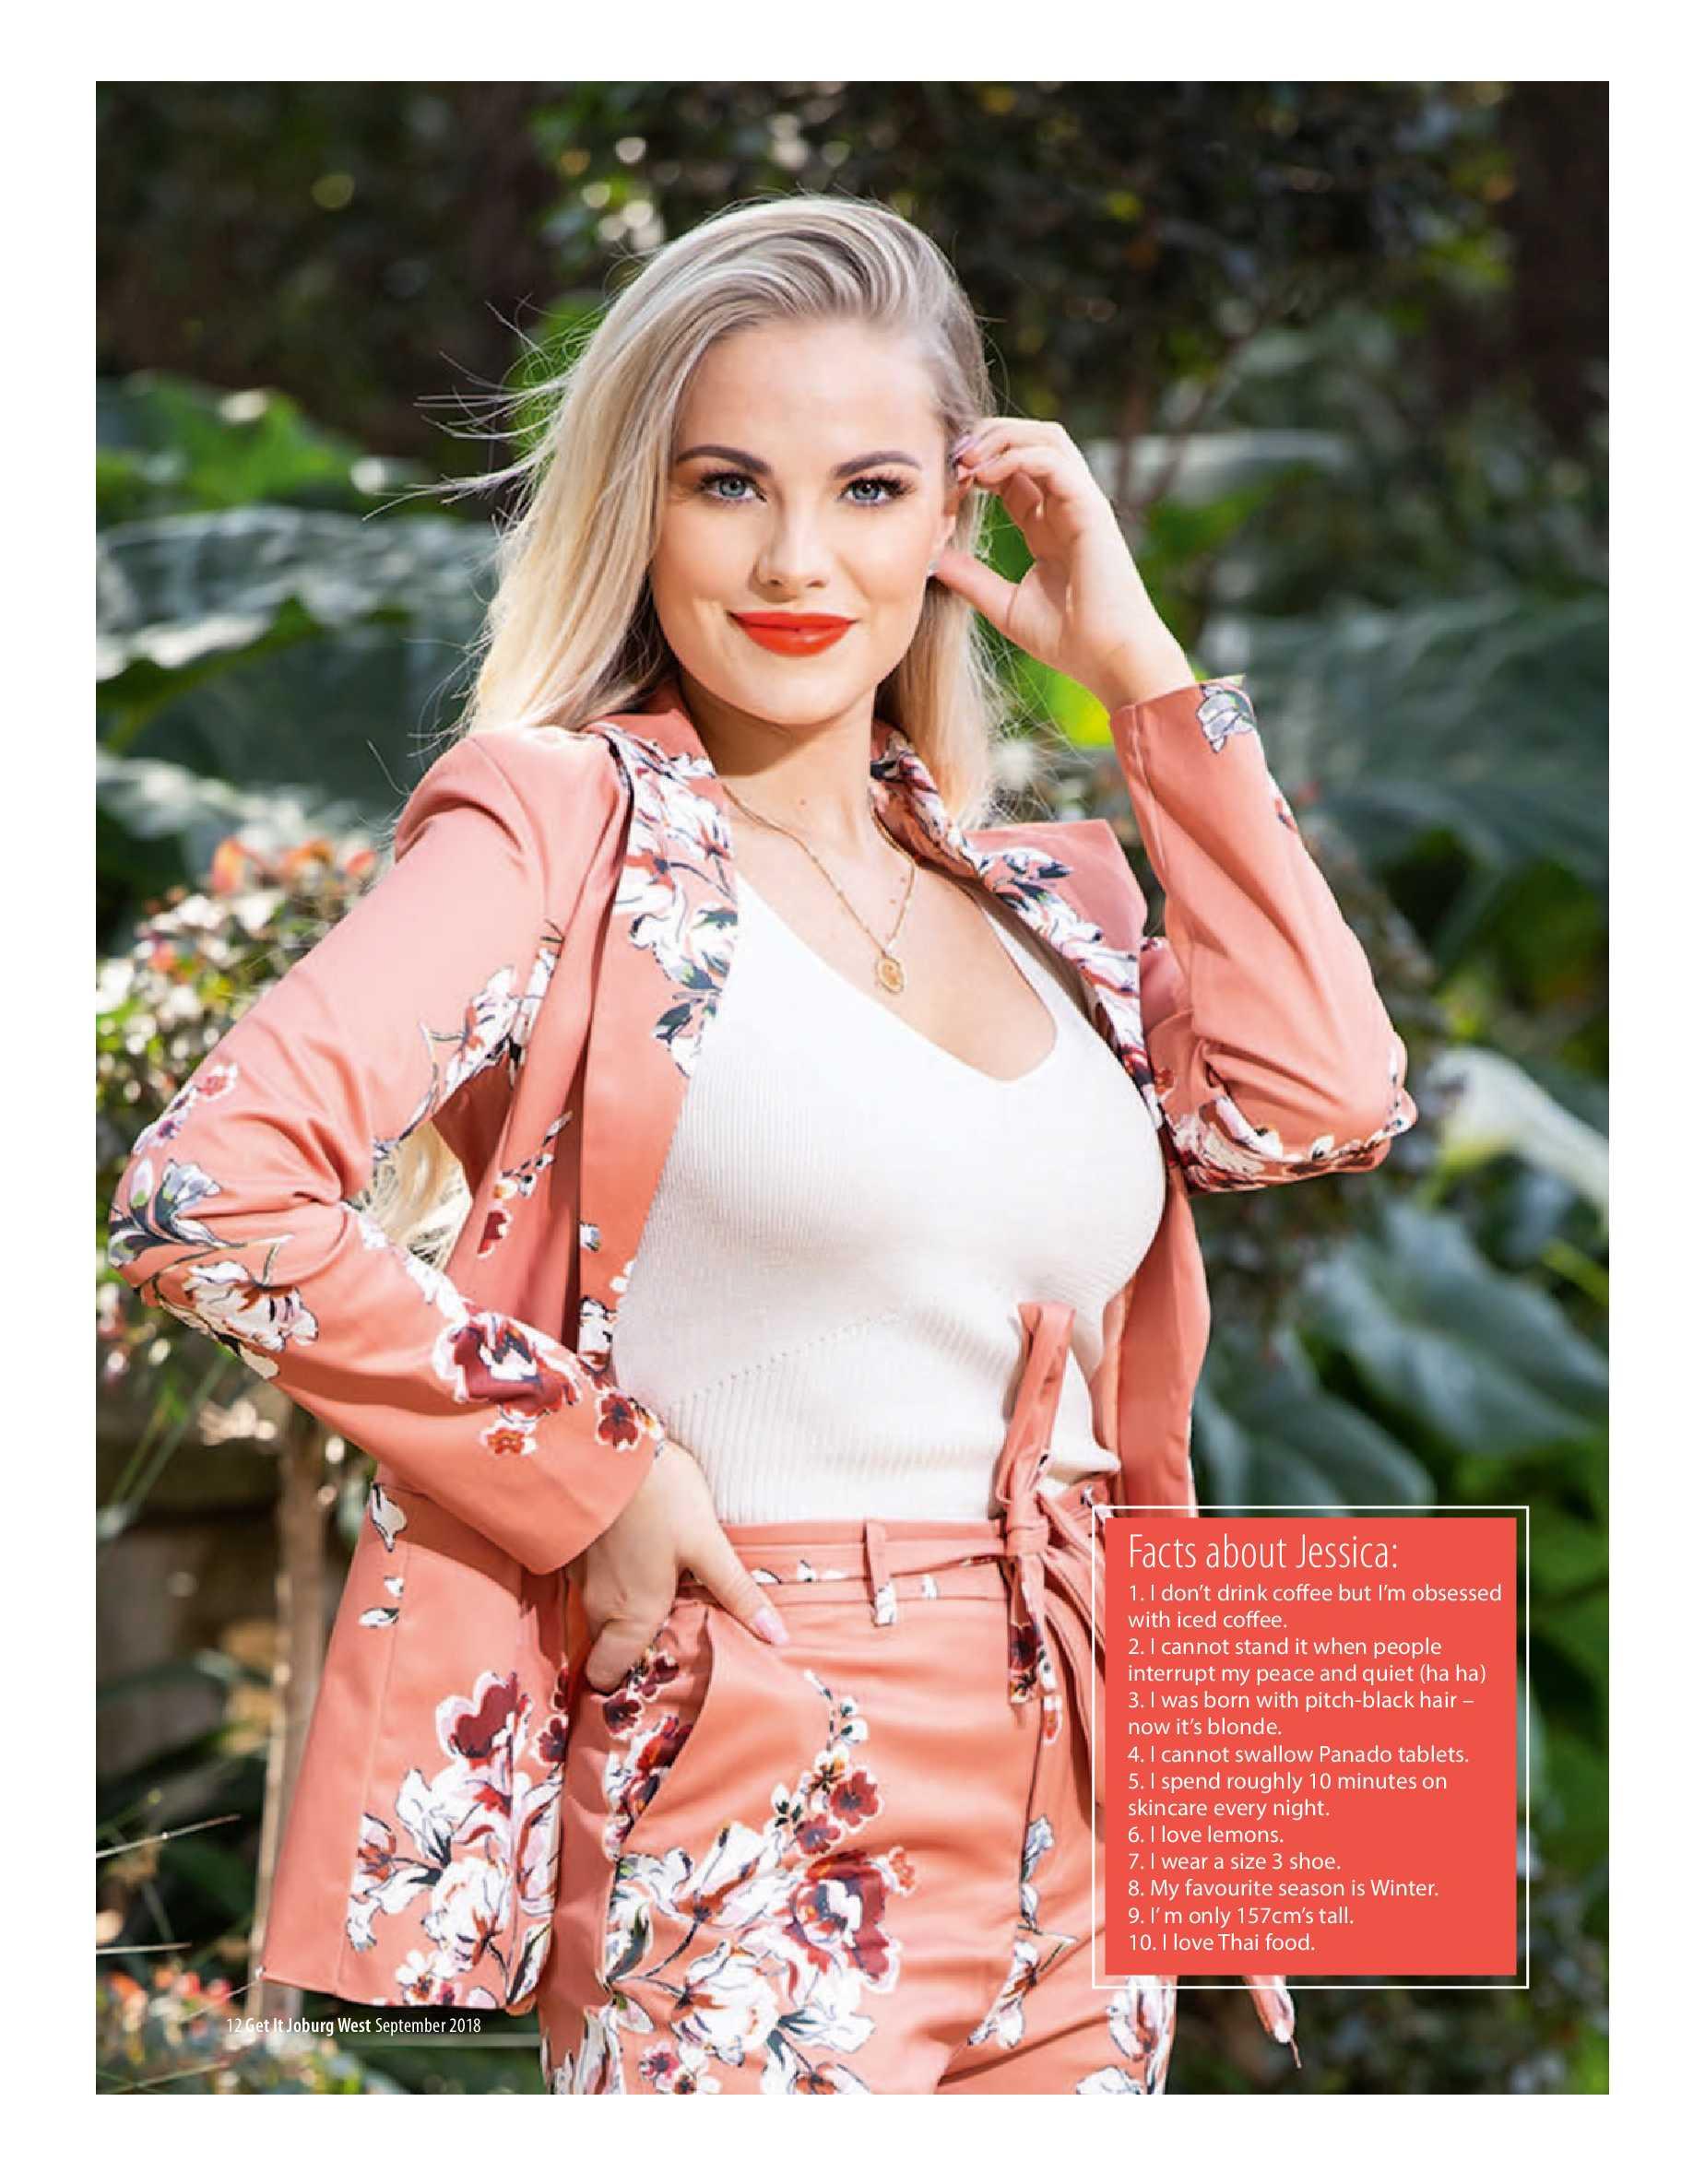 get-joburg-west-september-2018-epapers-page-12